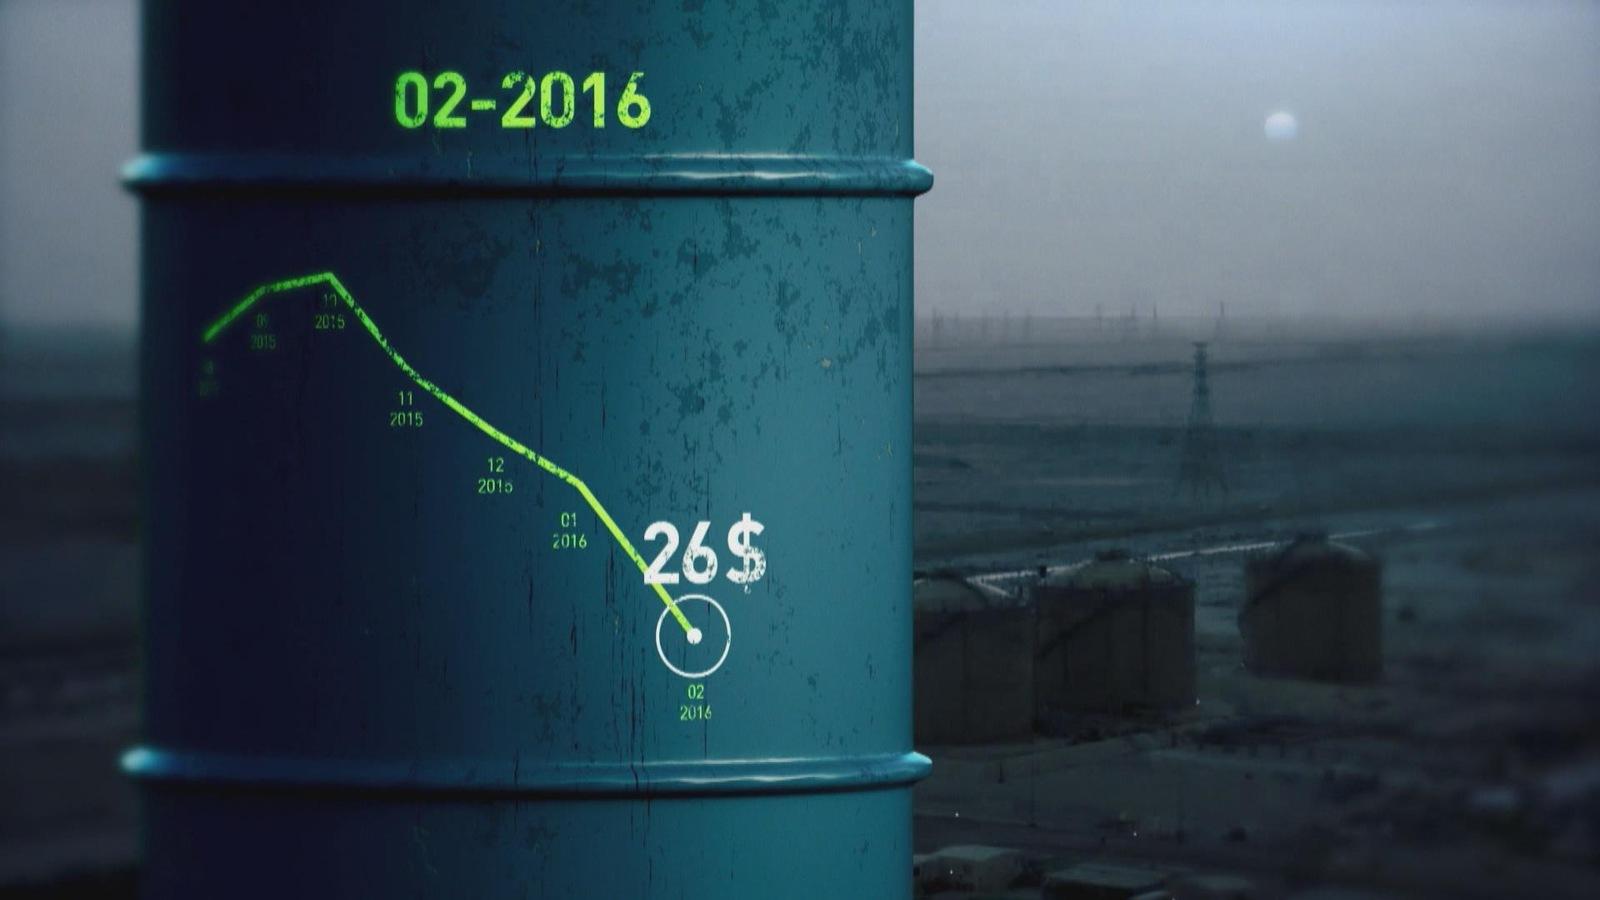 Février 2016 : le baril de pétrole est à 26 $.